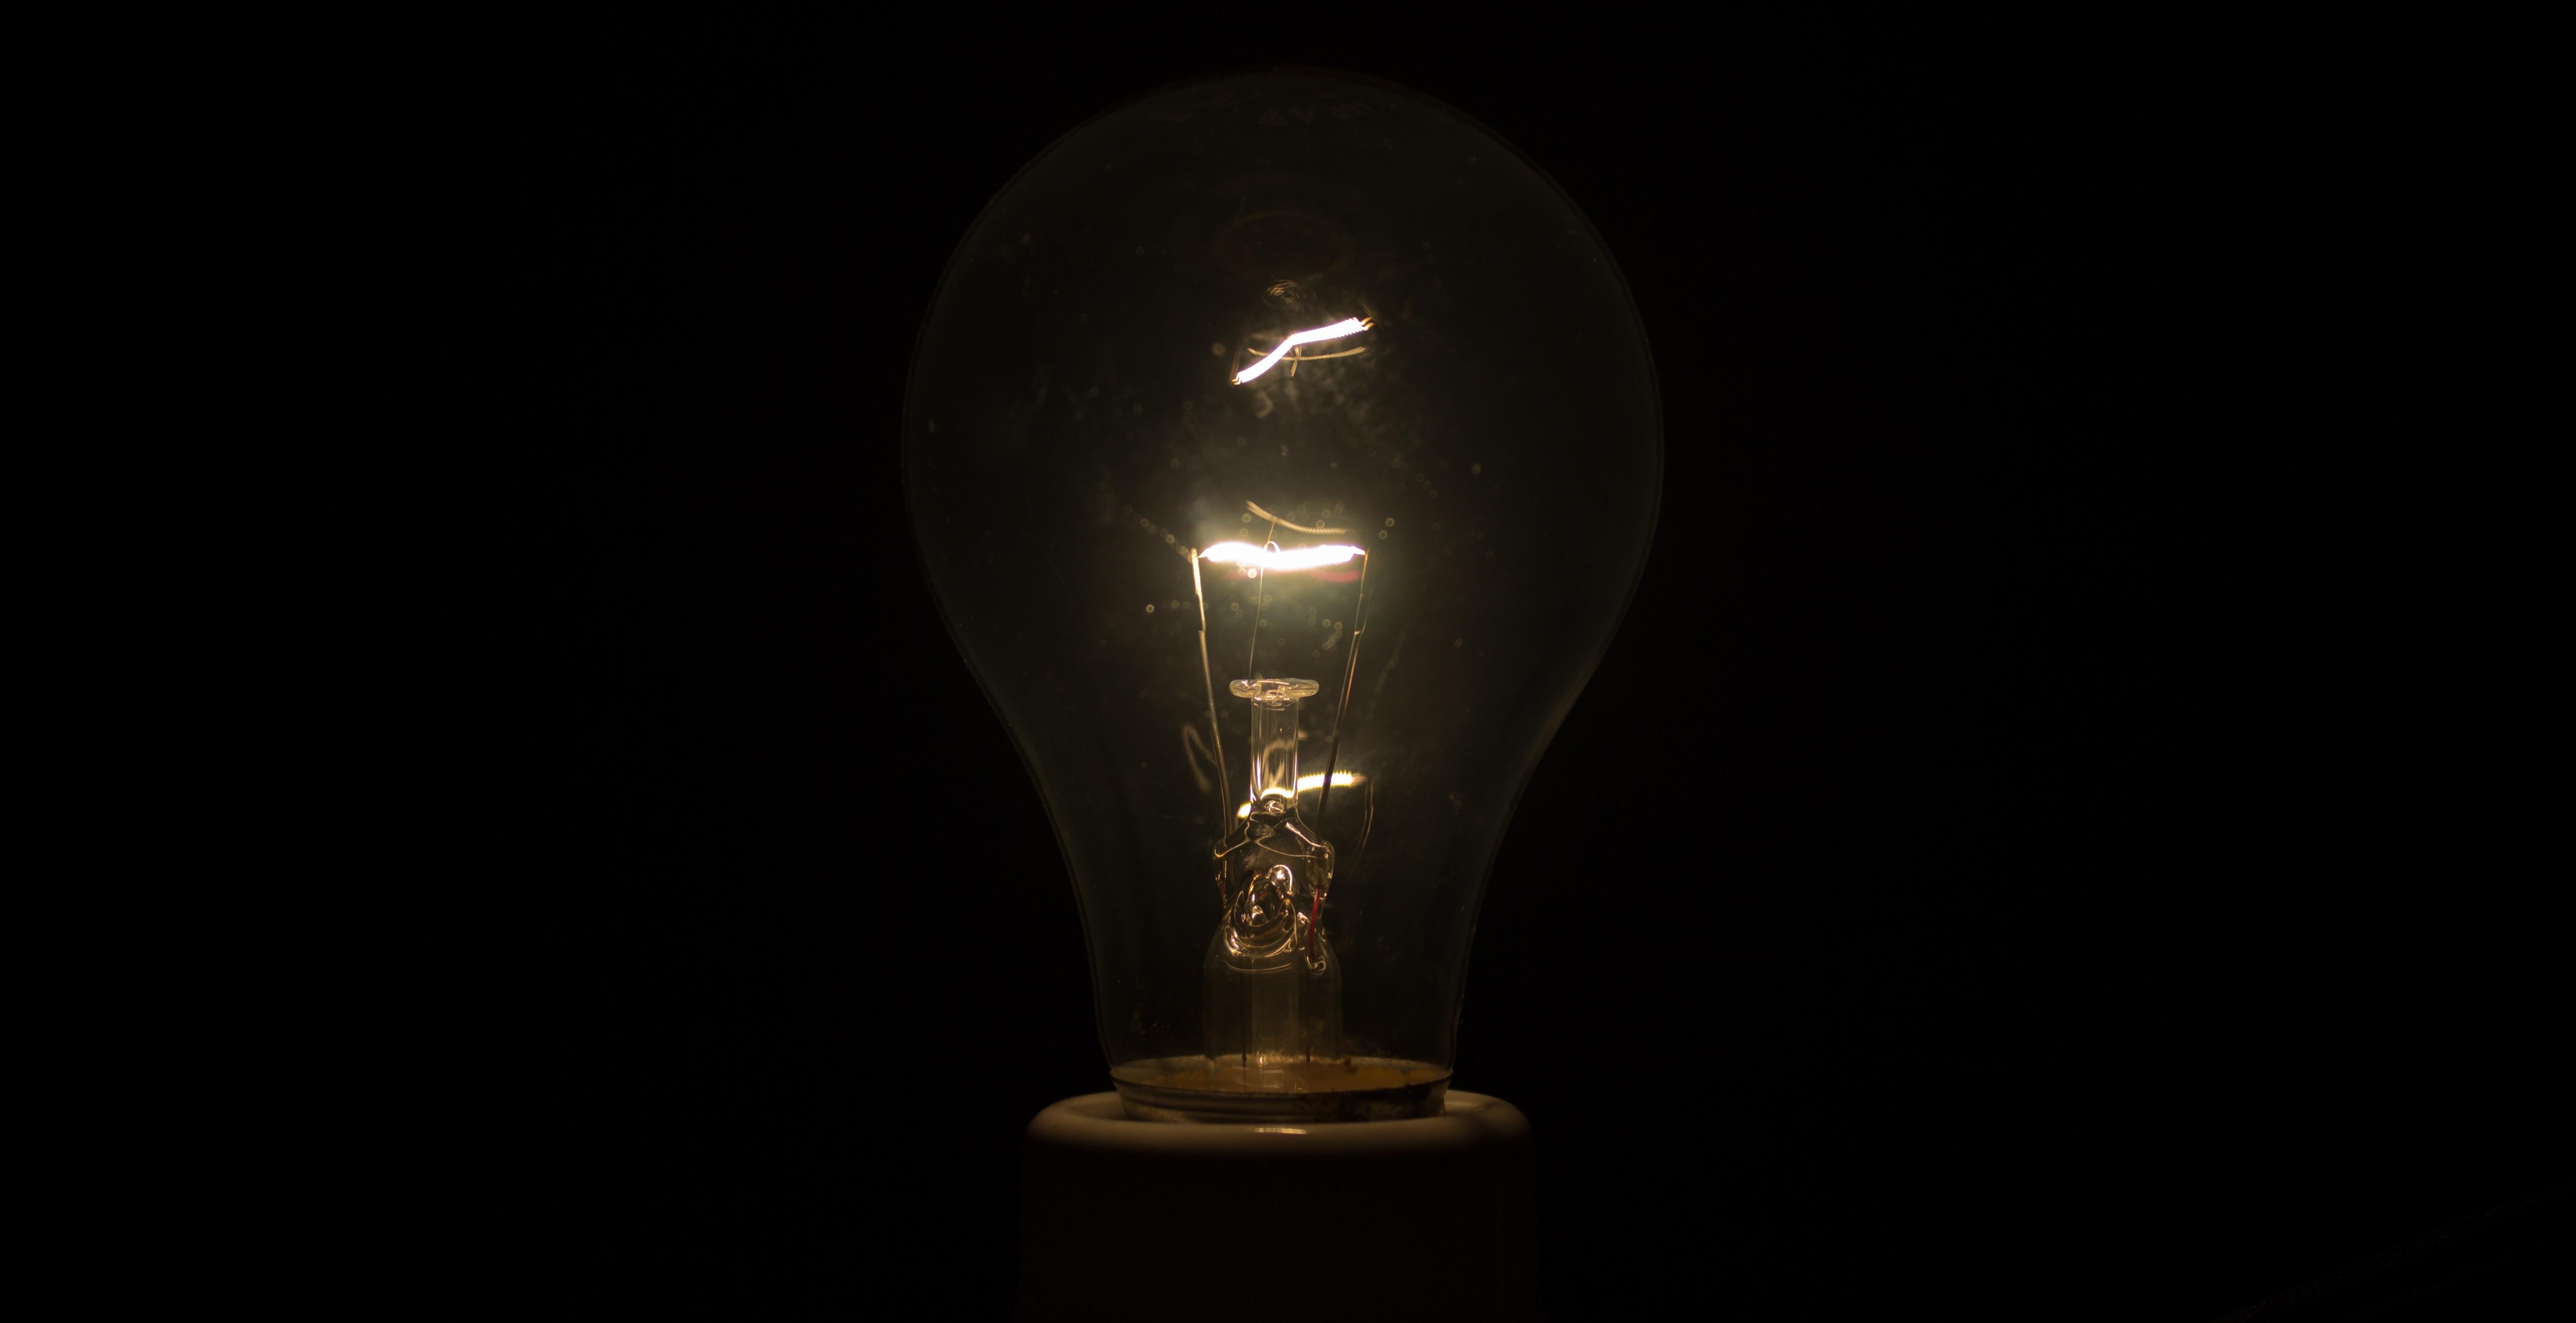 хотя абстрактные картинки лампа свет этом